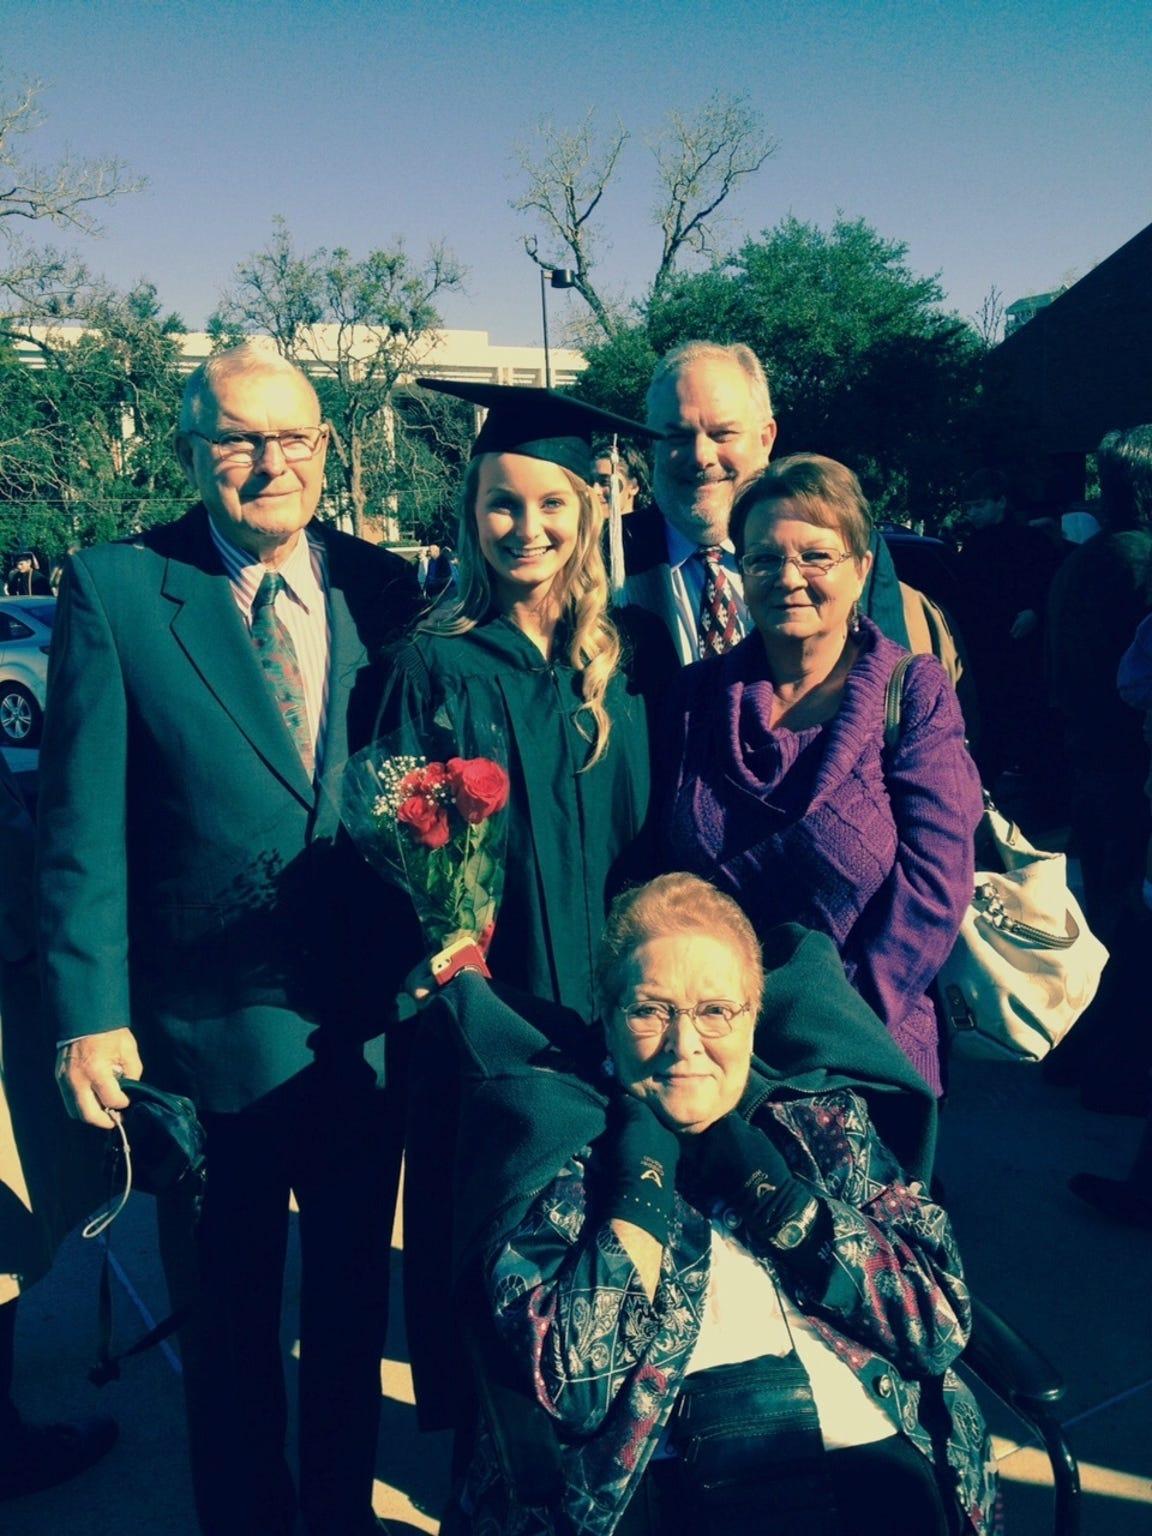 My whole family at my graduation.